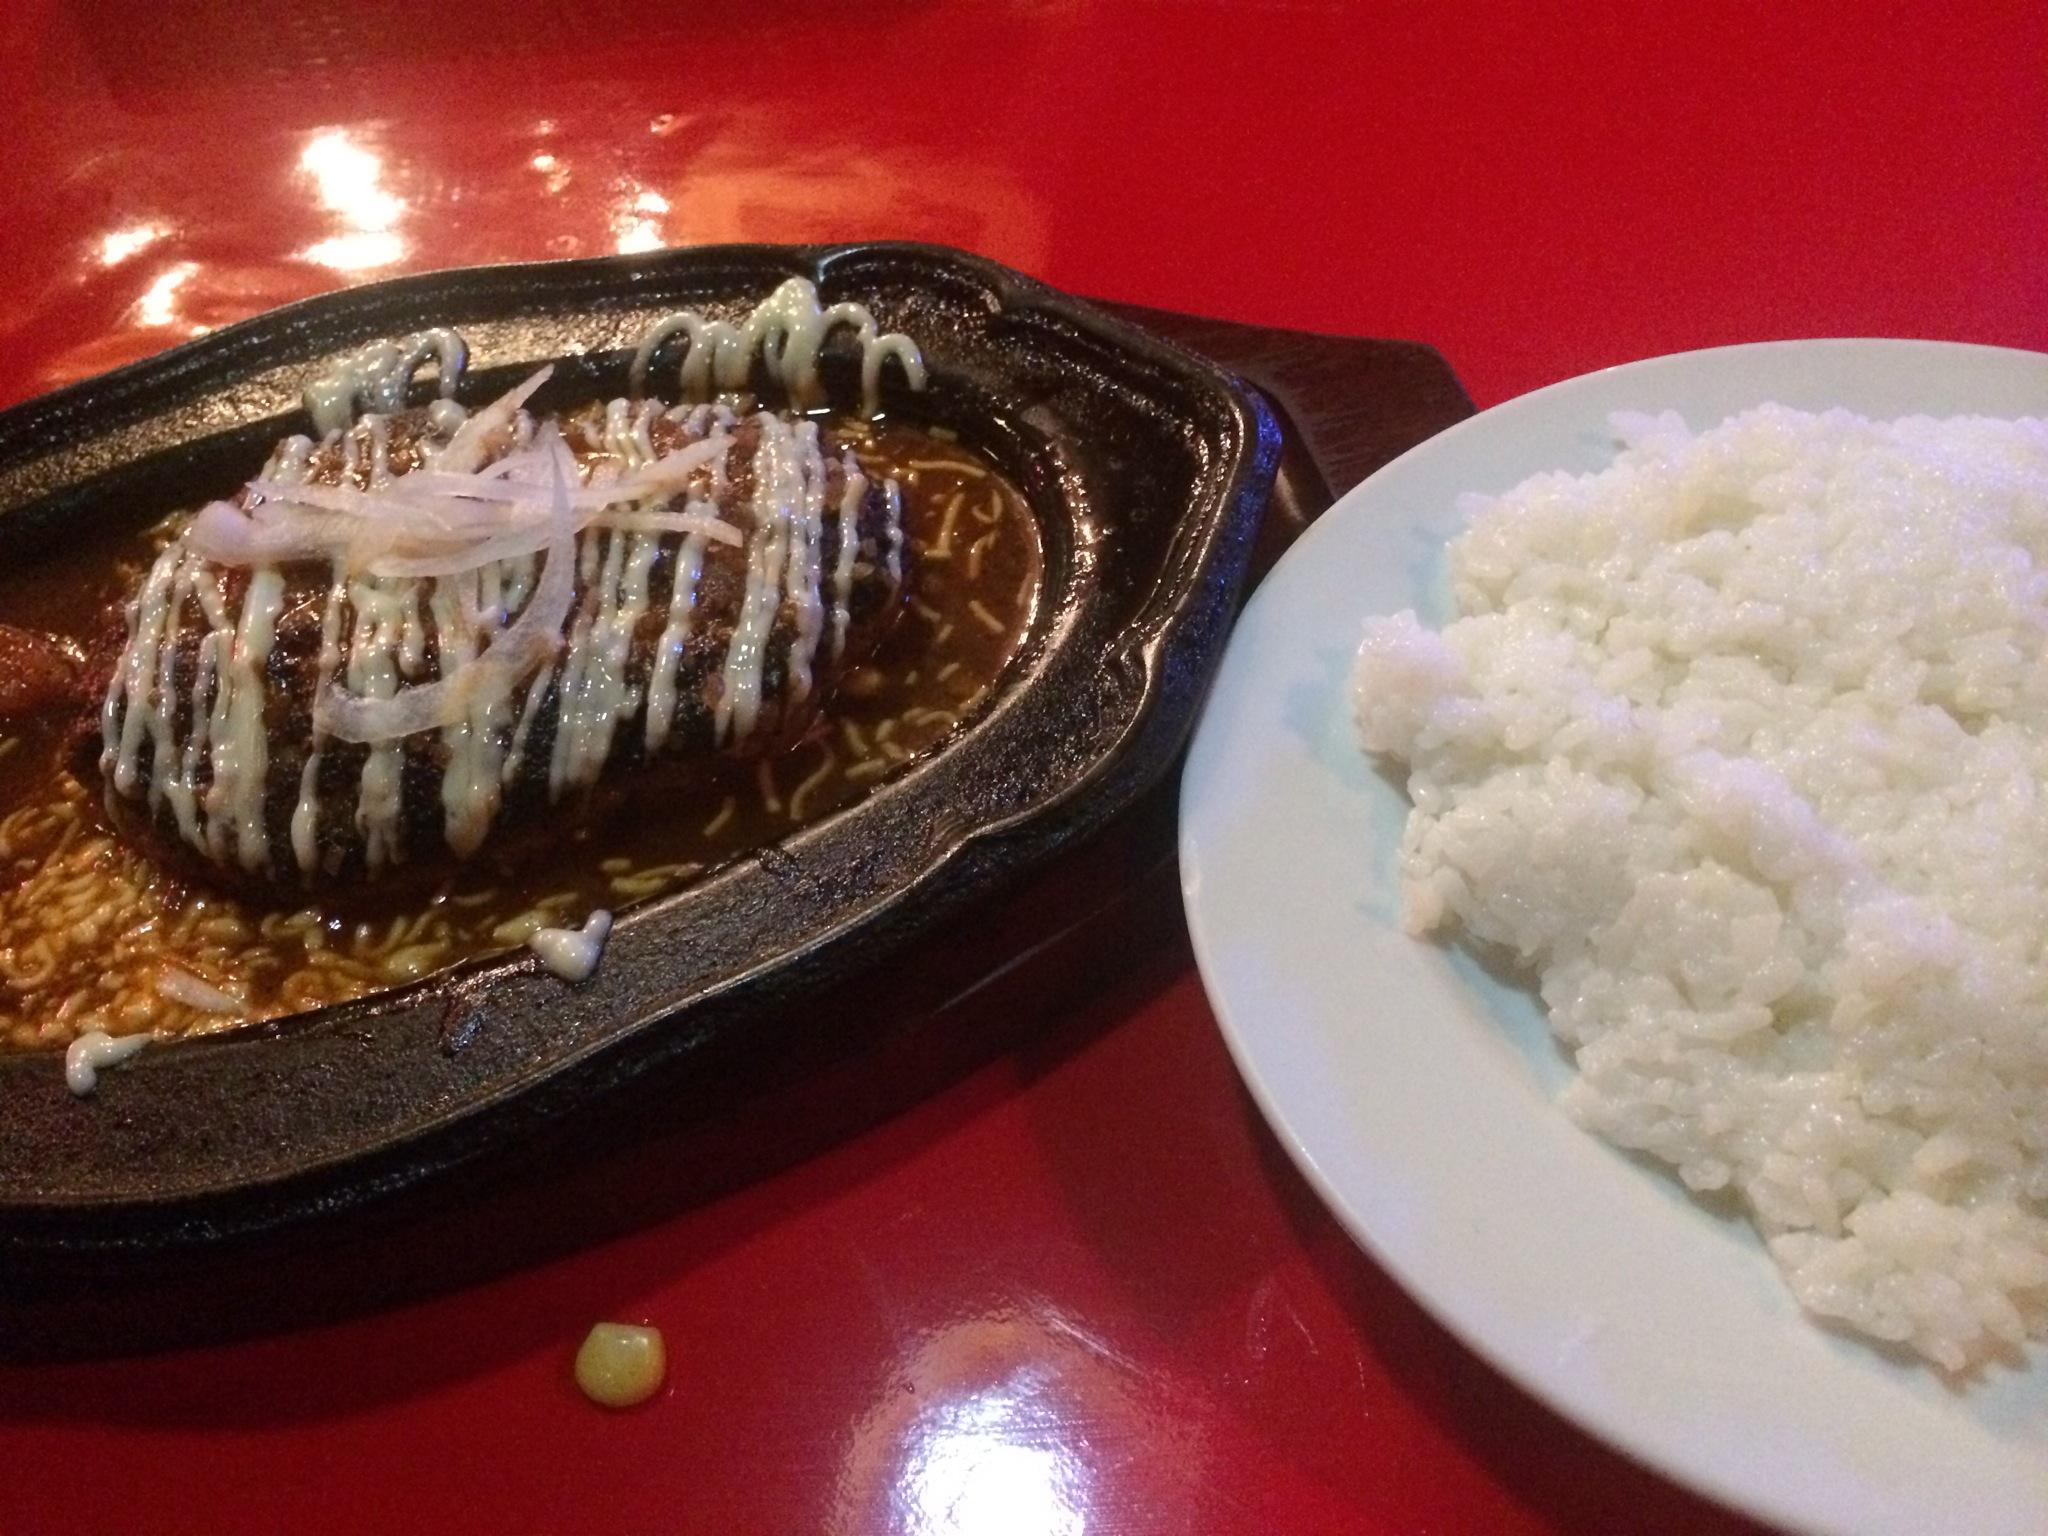 最後の営業日にハンバーグやブロンコを食べおさめしました!ヽ(^o^)丿